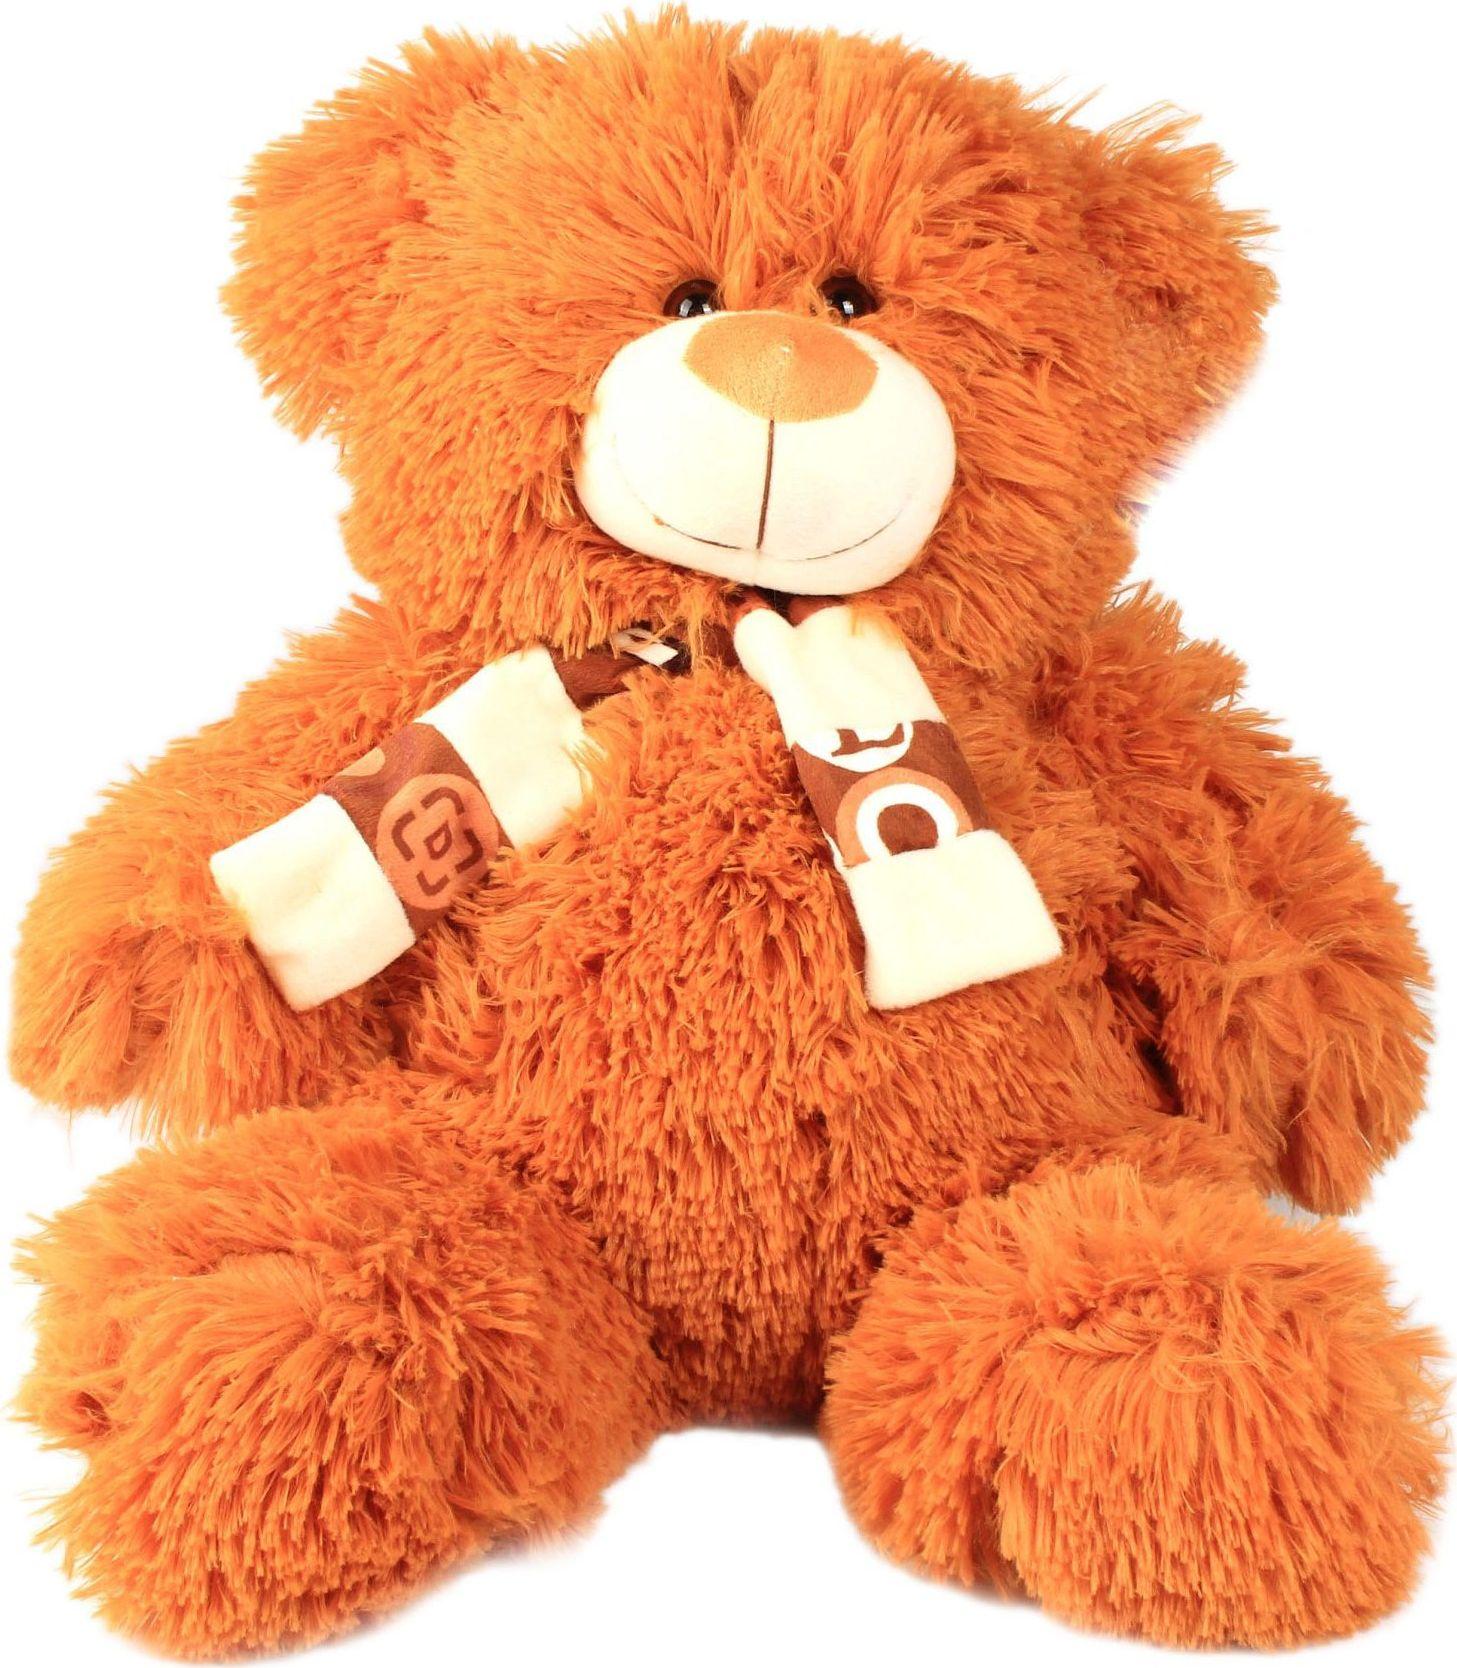 Sima-land Мягкая игрушка Мишка в шарфе лохматый sima land мягкая игрушка глазастый петушок в шарфе и с бантиком